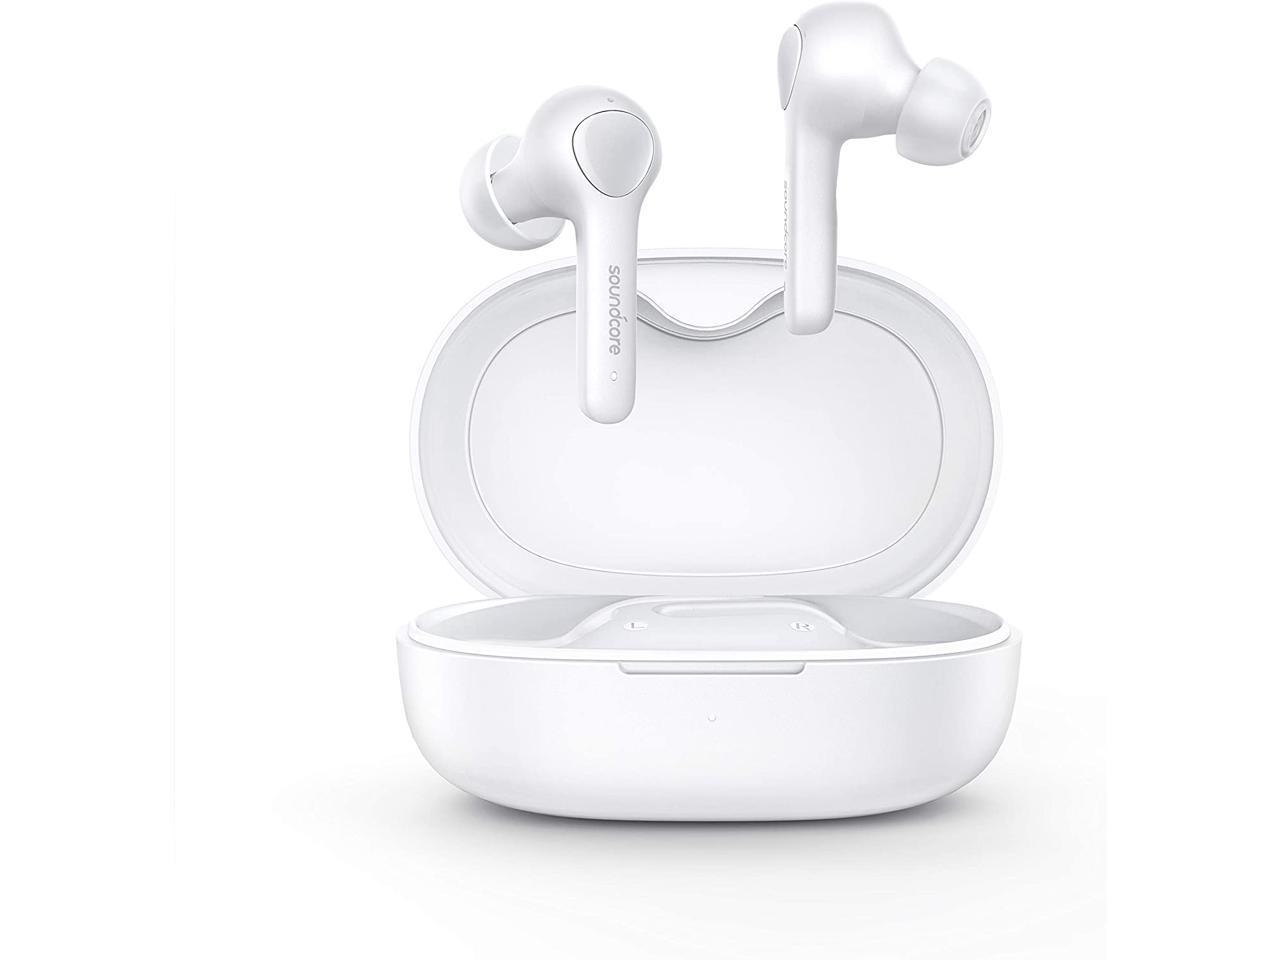 Anker Soundcore Life Note True Wireless Earbuds (Refurb) $19.99 + FS